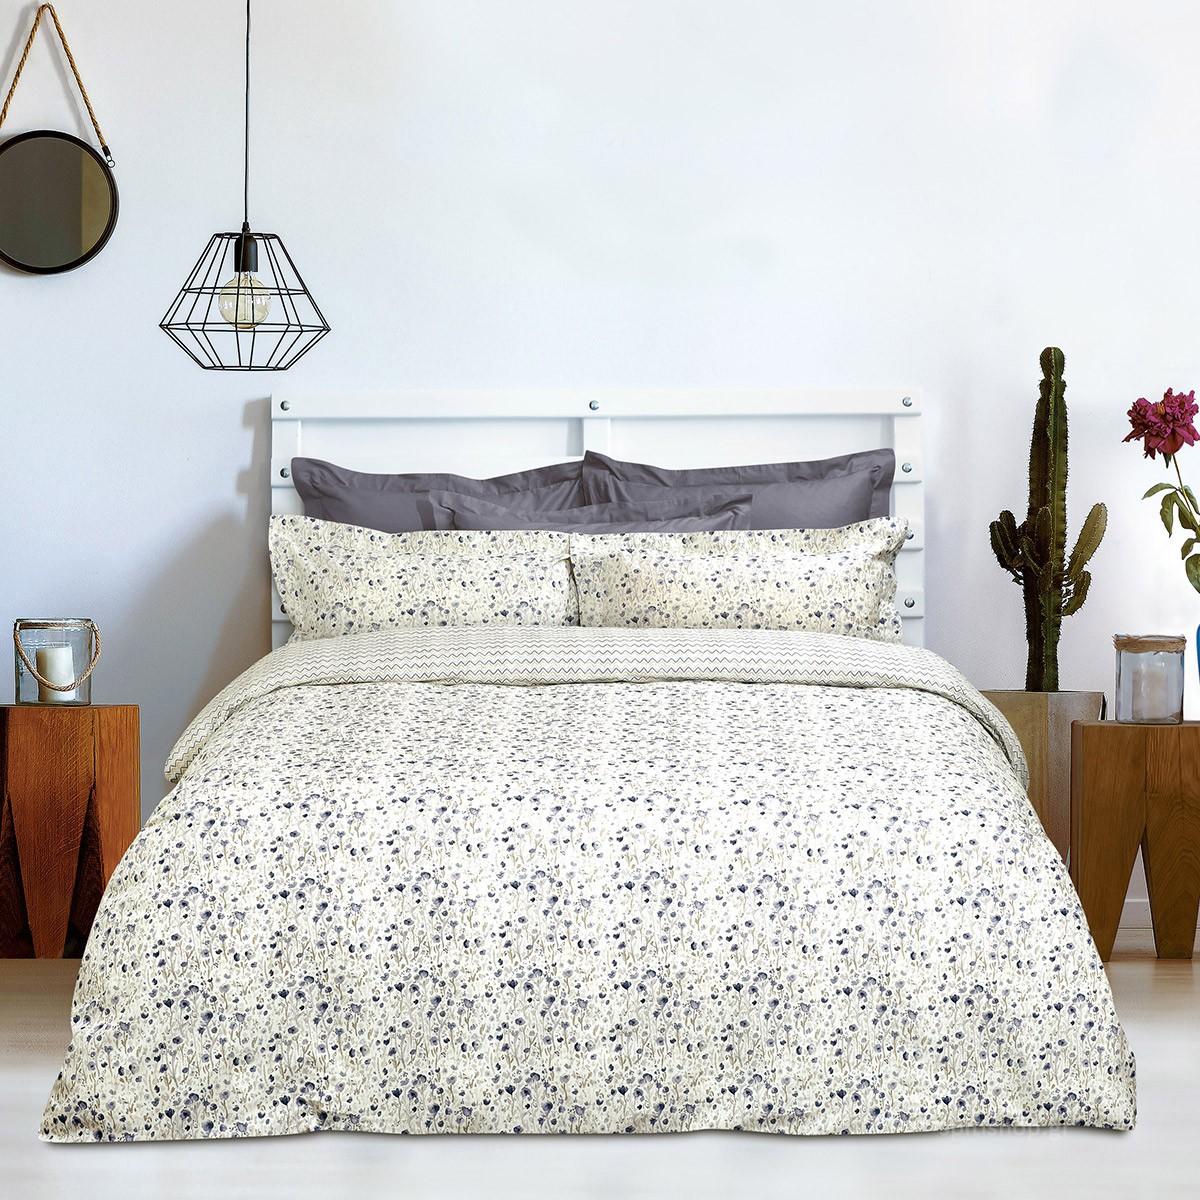 Κουβερλί Υπέρδιπλο Das Home Happy Line Prints 9412 home   κρεβατοκάμαρα   κουβερλί   κουβερλί υπέρδιπλα